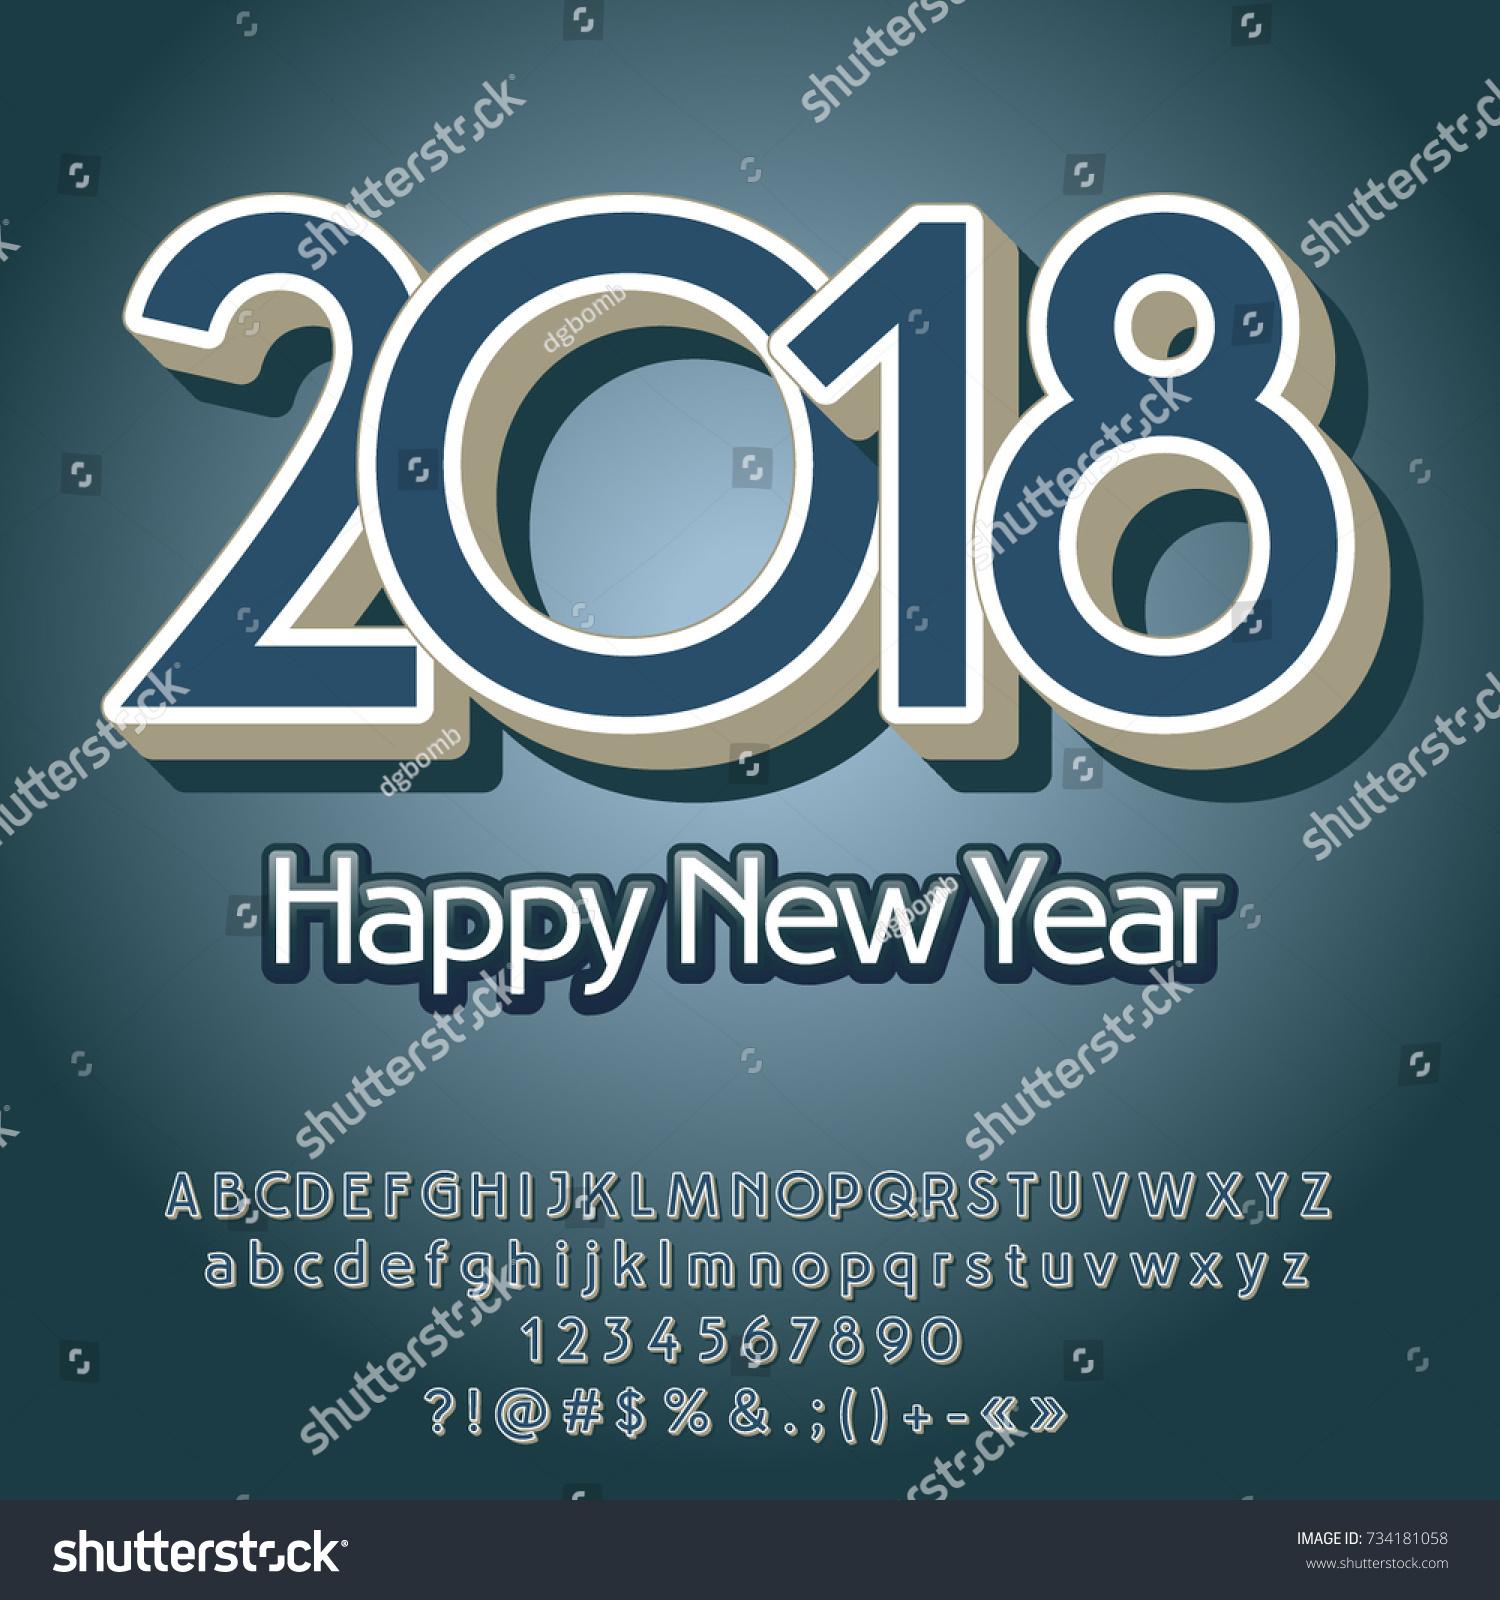 Vector Vintage Happy New Year 2018 Stock Vector 734181058 Shutterstock